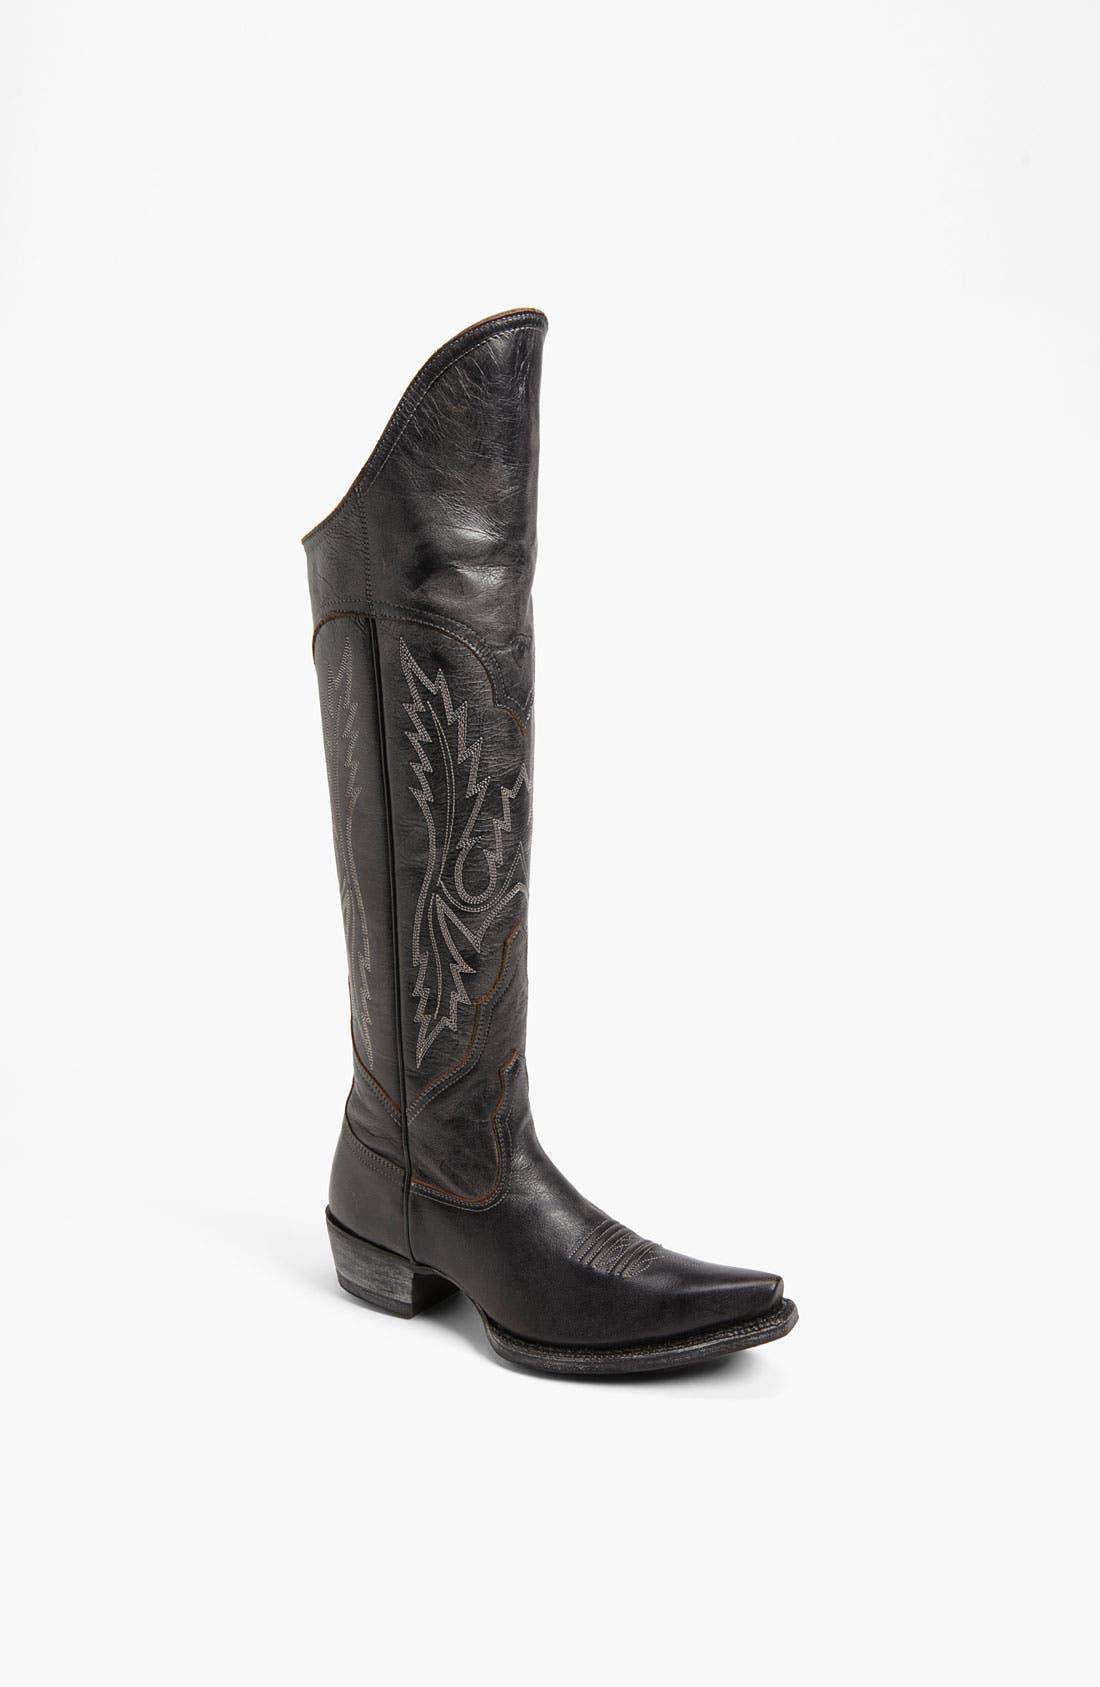 Main Image - Ariat 'Murrieta' Boot